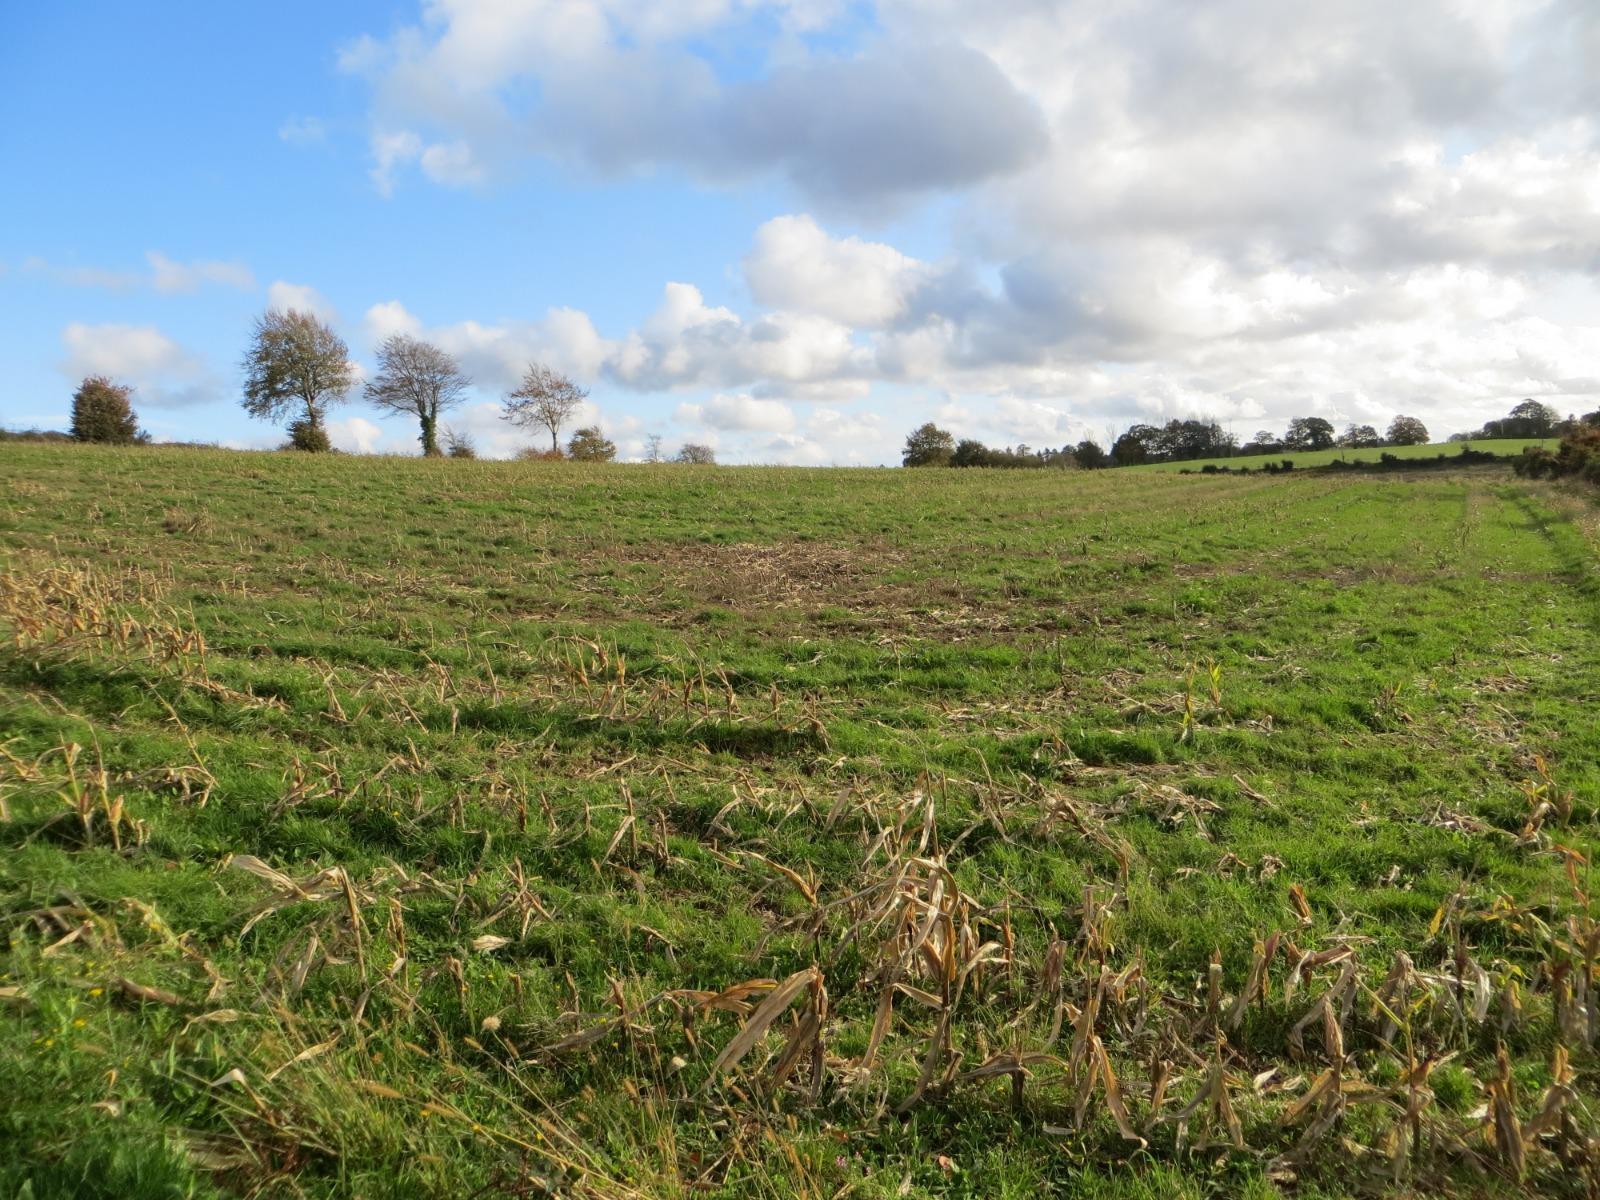 Propriété agricole en vente Vire Normandie